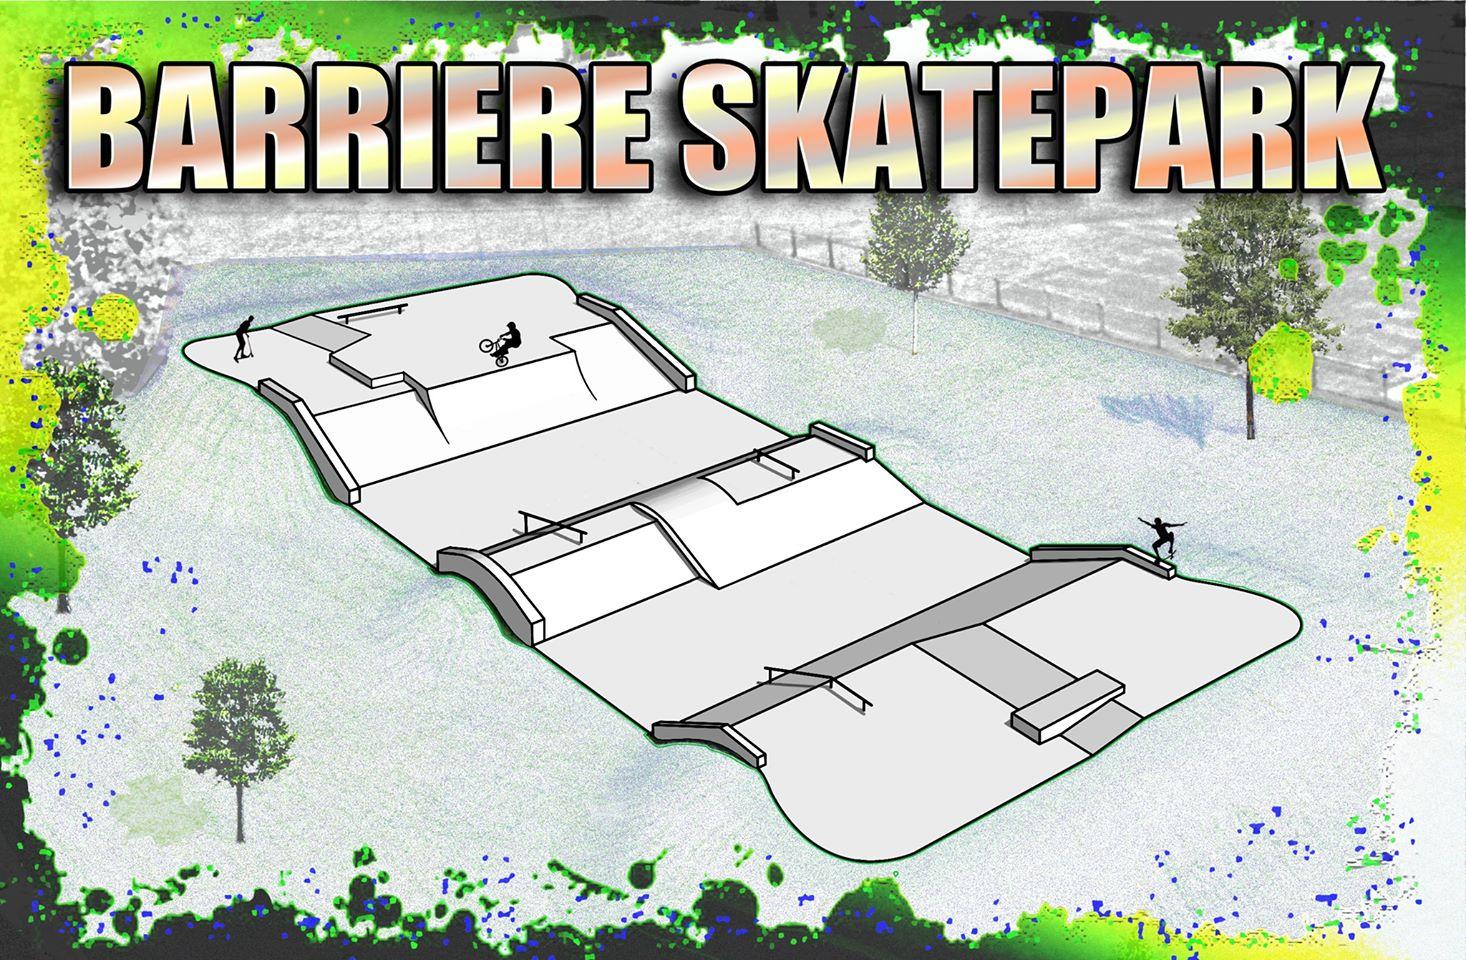 barriere skatepark 2